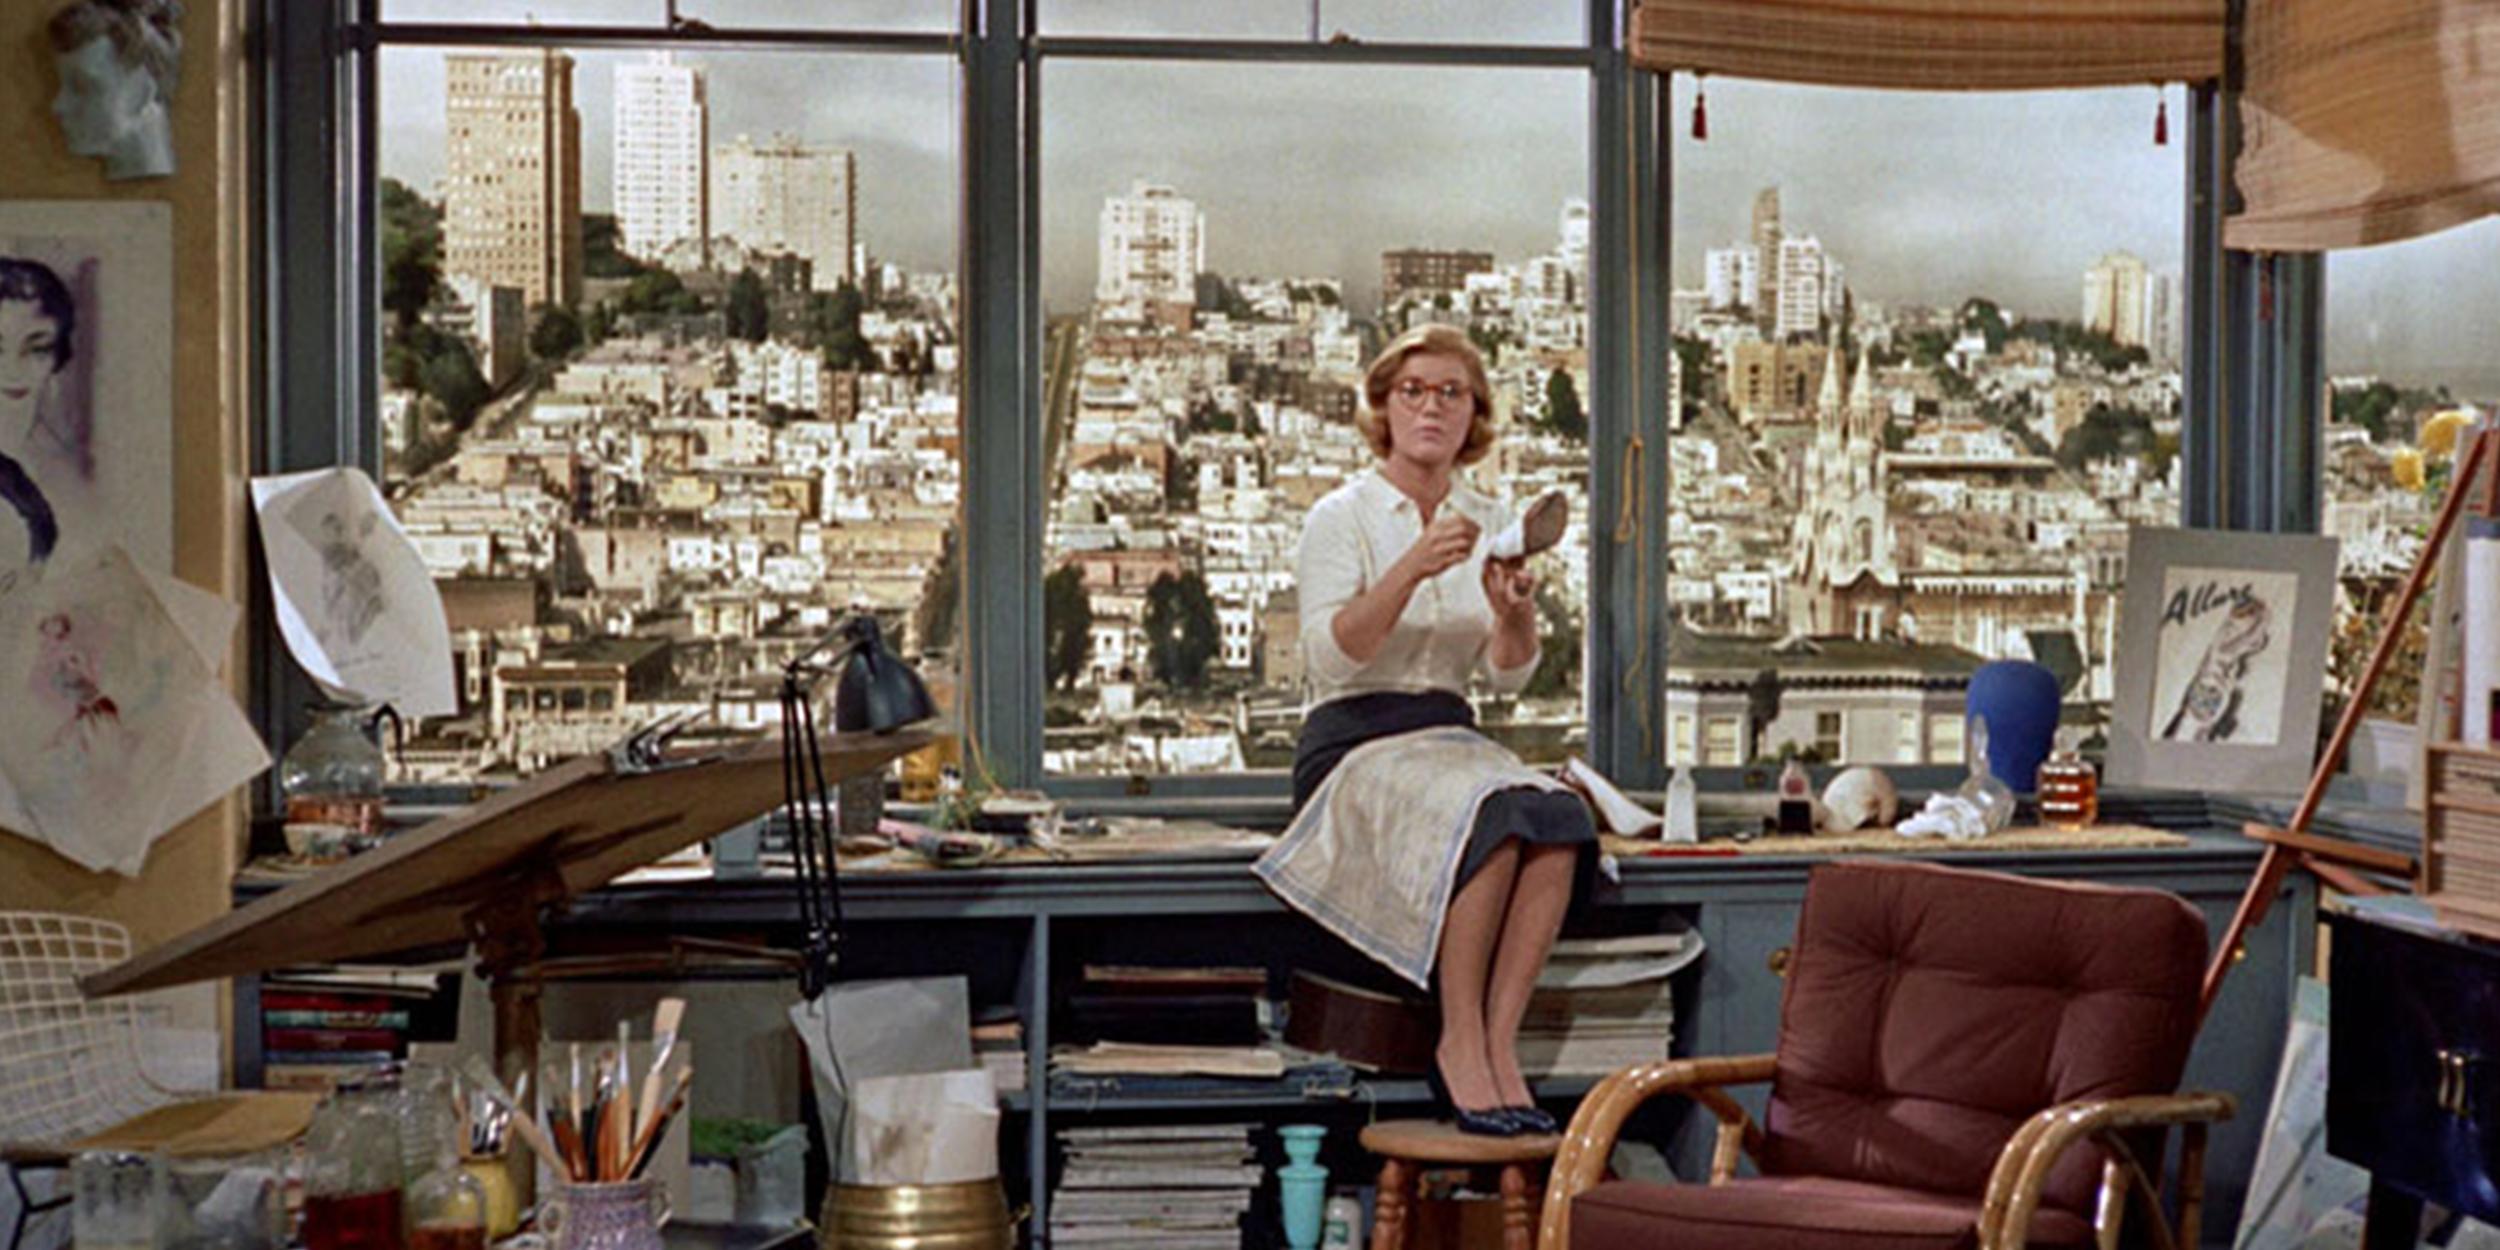 Snapshot from Hitchcock's film Vertigo